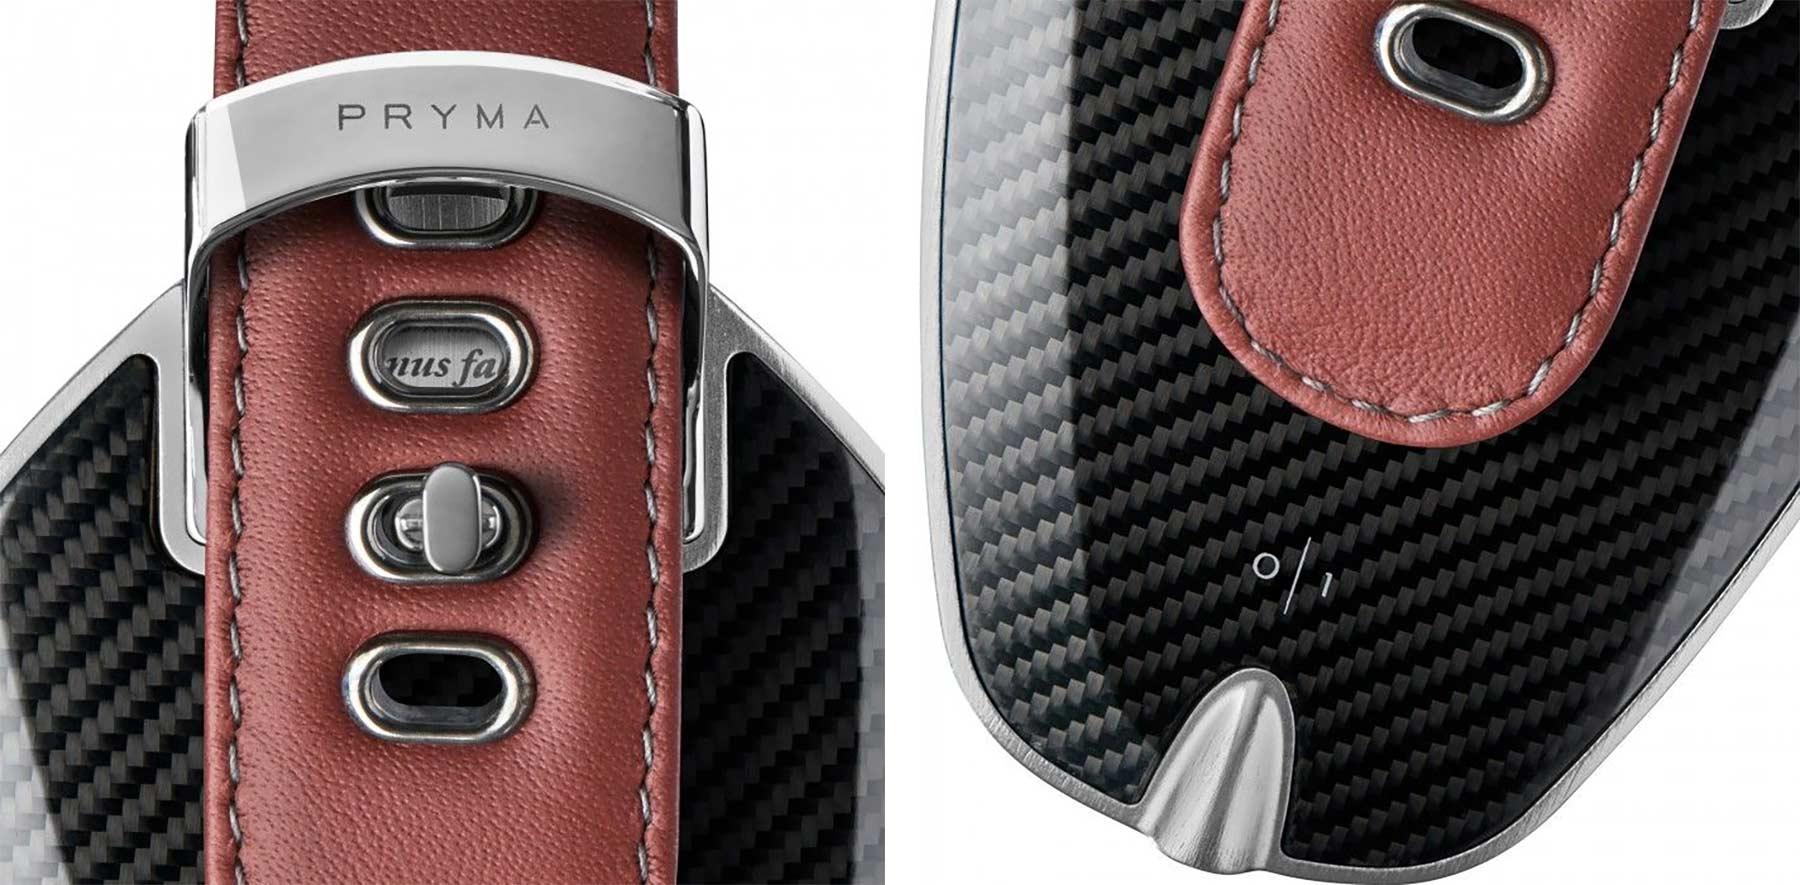 Design-Kopfhörer von PRYMA premium-kopfhoerer-von-PRYMA_02